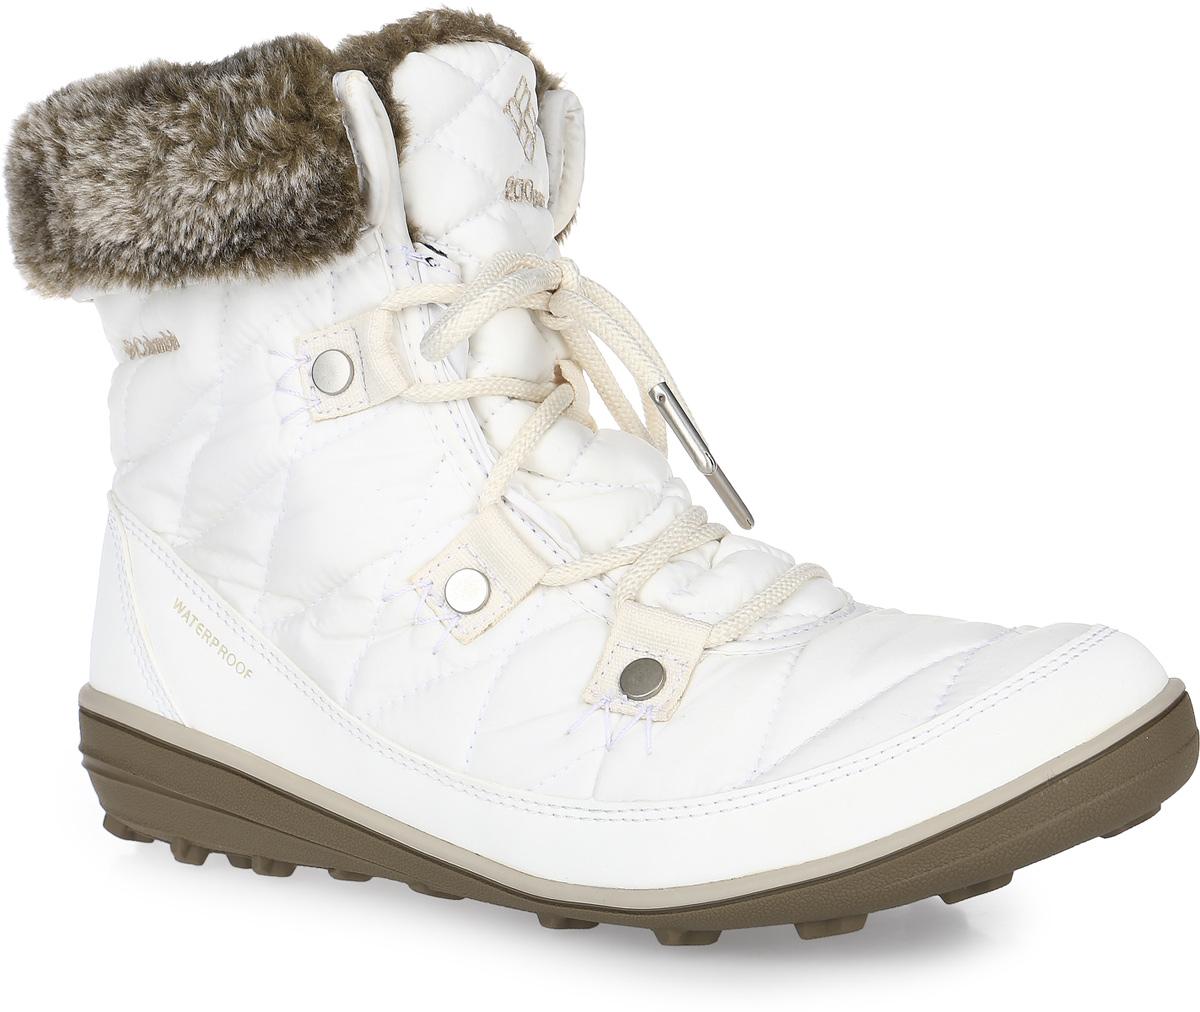 Ботинки женские Columbia Heavenly Shorty Omni-Heat, цвет: белый. 1691541-125. Размер 9 (40,5)1691541-125Женские ботинки Heavenly Shorty Omni-Heat от Columbia выполнены из высококачественного комбинированного материала с технологией Omni-Tech, которая защищает обувь от осадков. Подкладка с технологией Omni-Heat сохранит ваши ноги в тепле. Утеплитель Insulated плотностью 200 гр. не позволит ногам замерзнуть. Подкладка в верхней части голенища выполнена из искусственного меха. Шнуровка надежно фиксирует модель на ноге. Подошва выполнена из гибкого, легкого материала обладающего отличной амортизацией. Подметка с технологией Omni-Grip со специальным рисунком протектора обеспечит надежное сцепление на любых зимних поверхностях. Верх ботинок декорирован вышитым логотипом бренда и отделкой из искусственного меха.